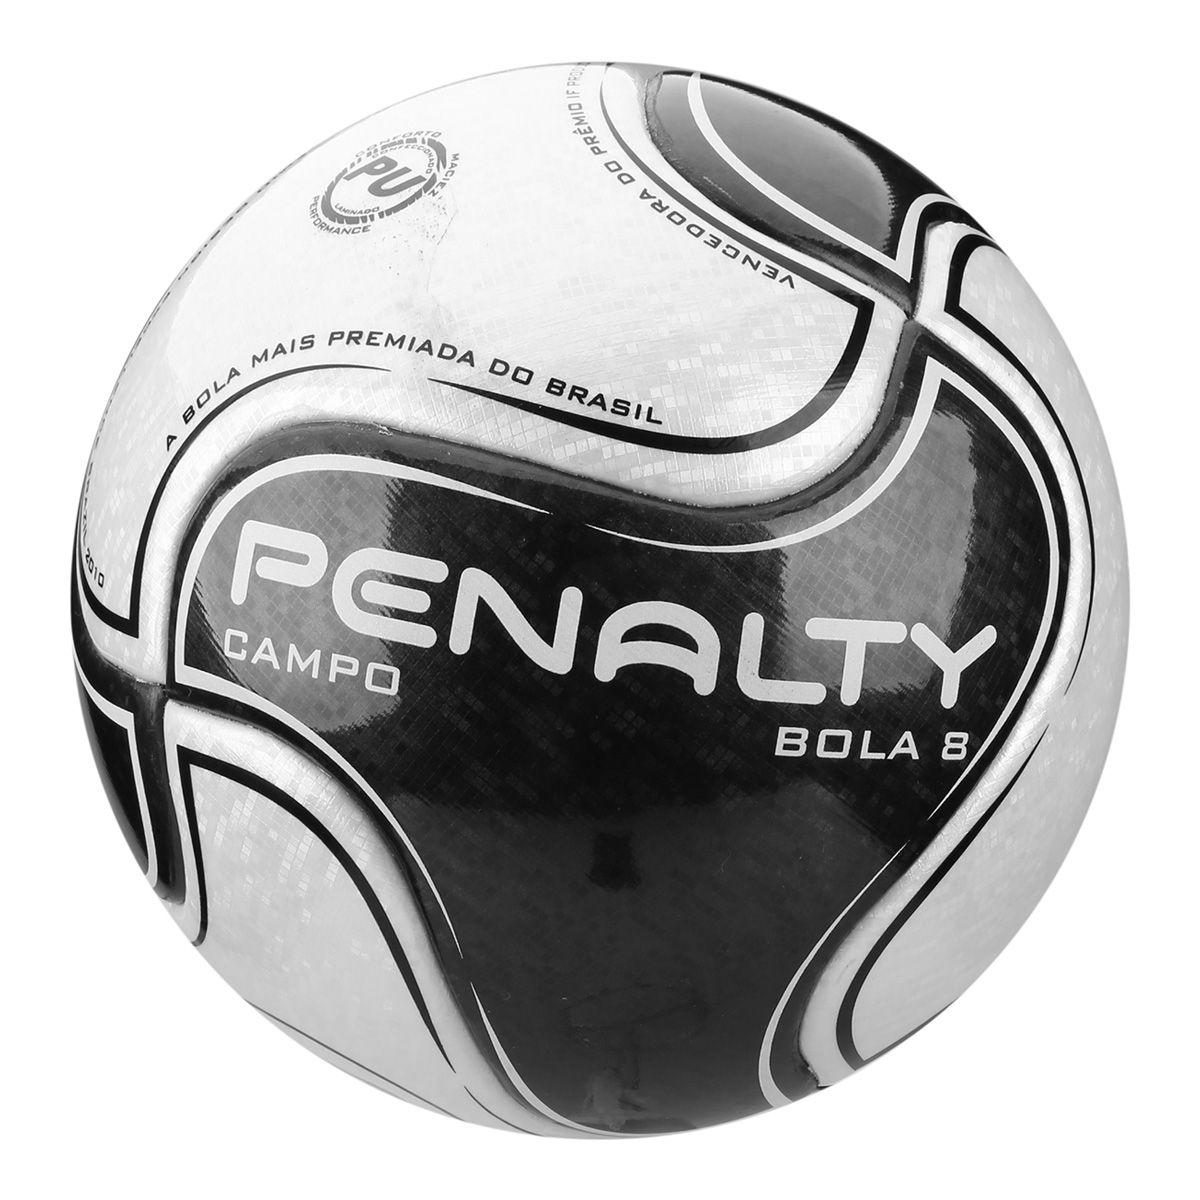 Bola Campo Penalty 8 IX